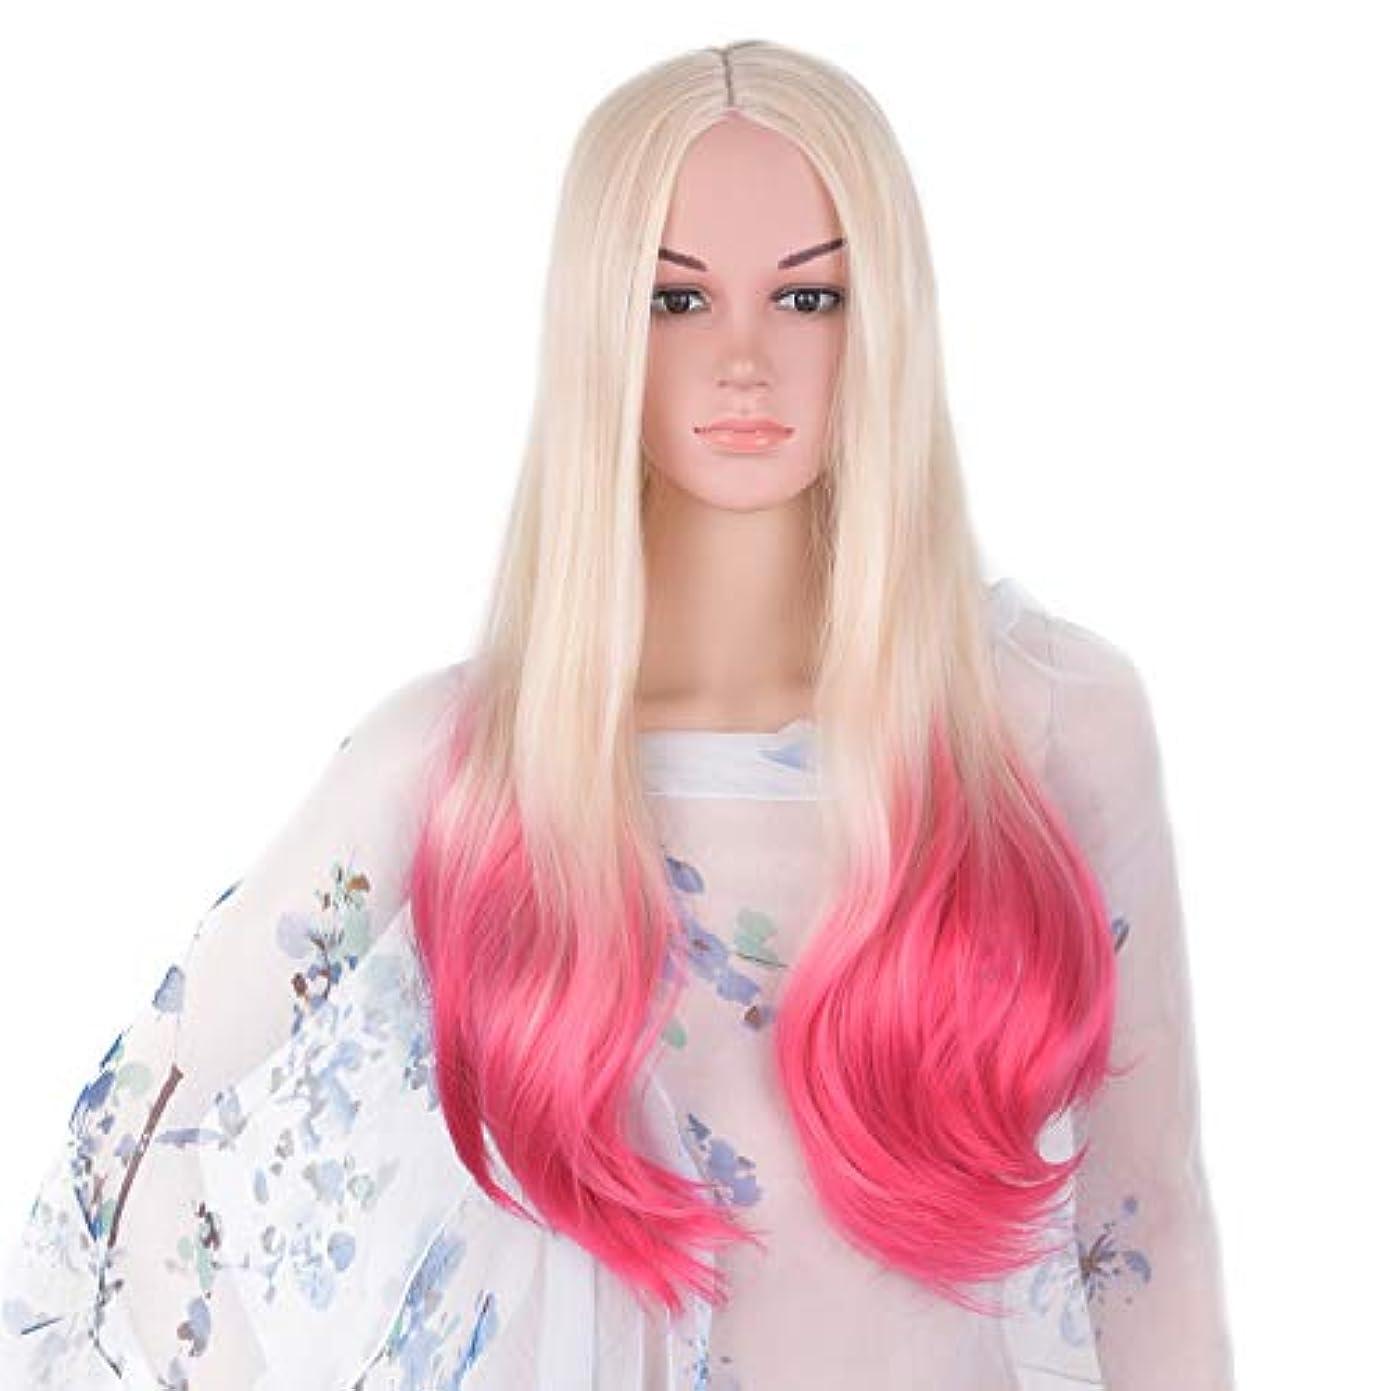 誤って光電降臨ウィッグ つけ毛 ロングウェーブのかかったカーリーミドルパーティング合成かつら女性コスチュームコスプレウィッグパーティーウィッグ耐熱交換 (色 : Beige Ombre Pink, サイズ : 24